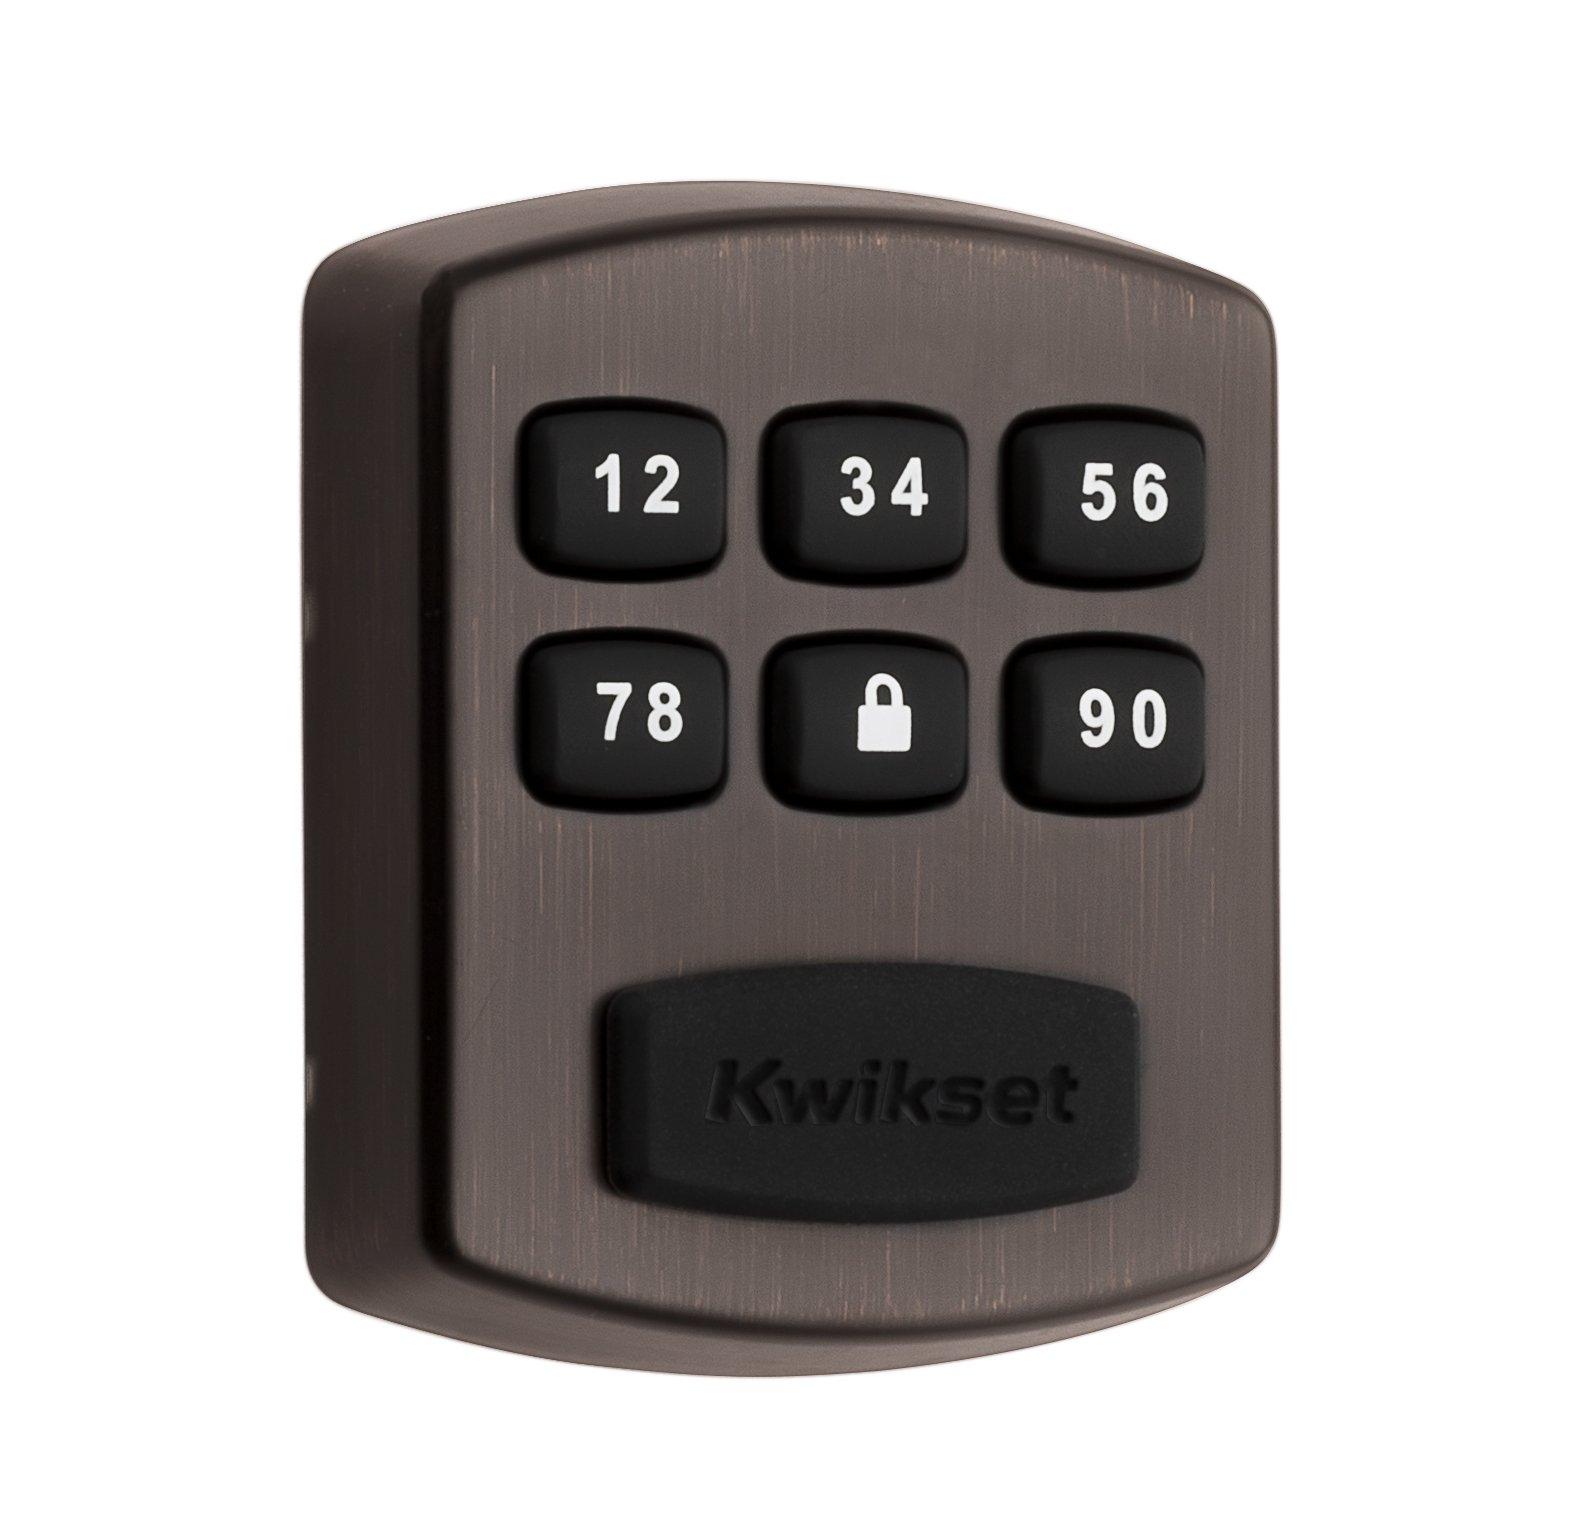 Kwikset Model 905 Keyless Entry Electronic Touchpad Deadbolt, in Venetian Bronze